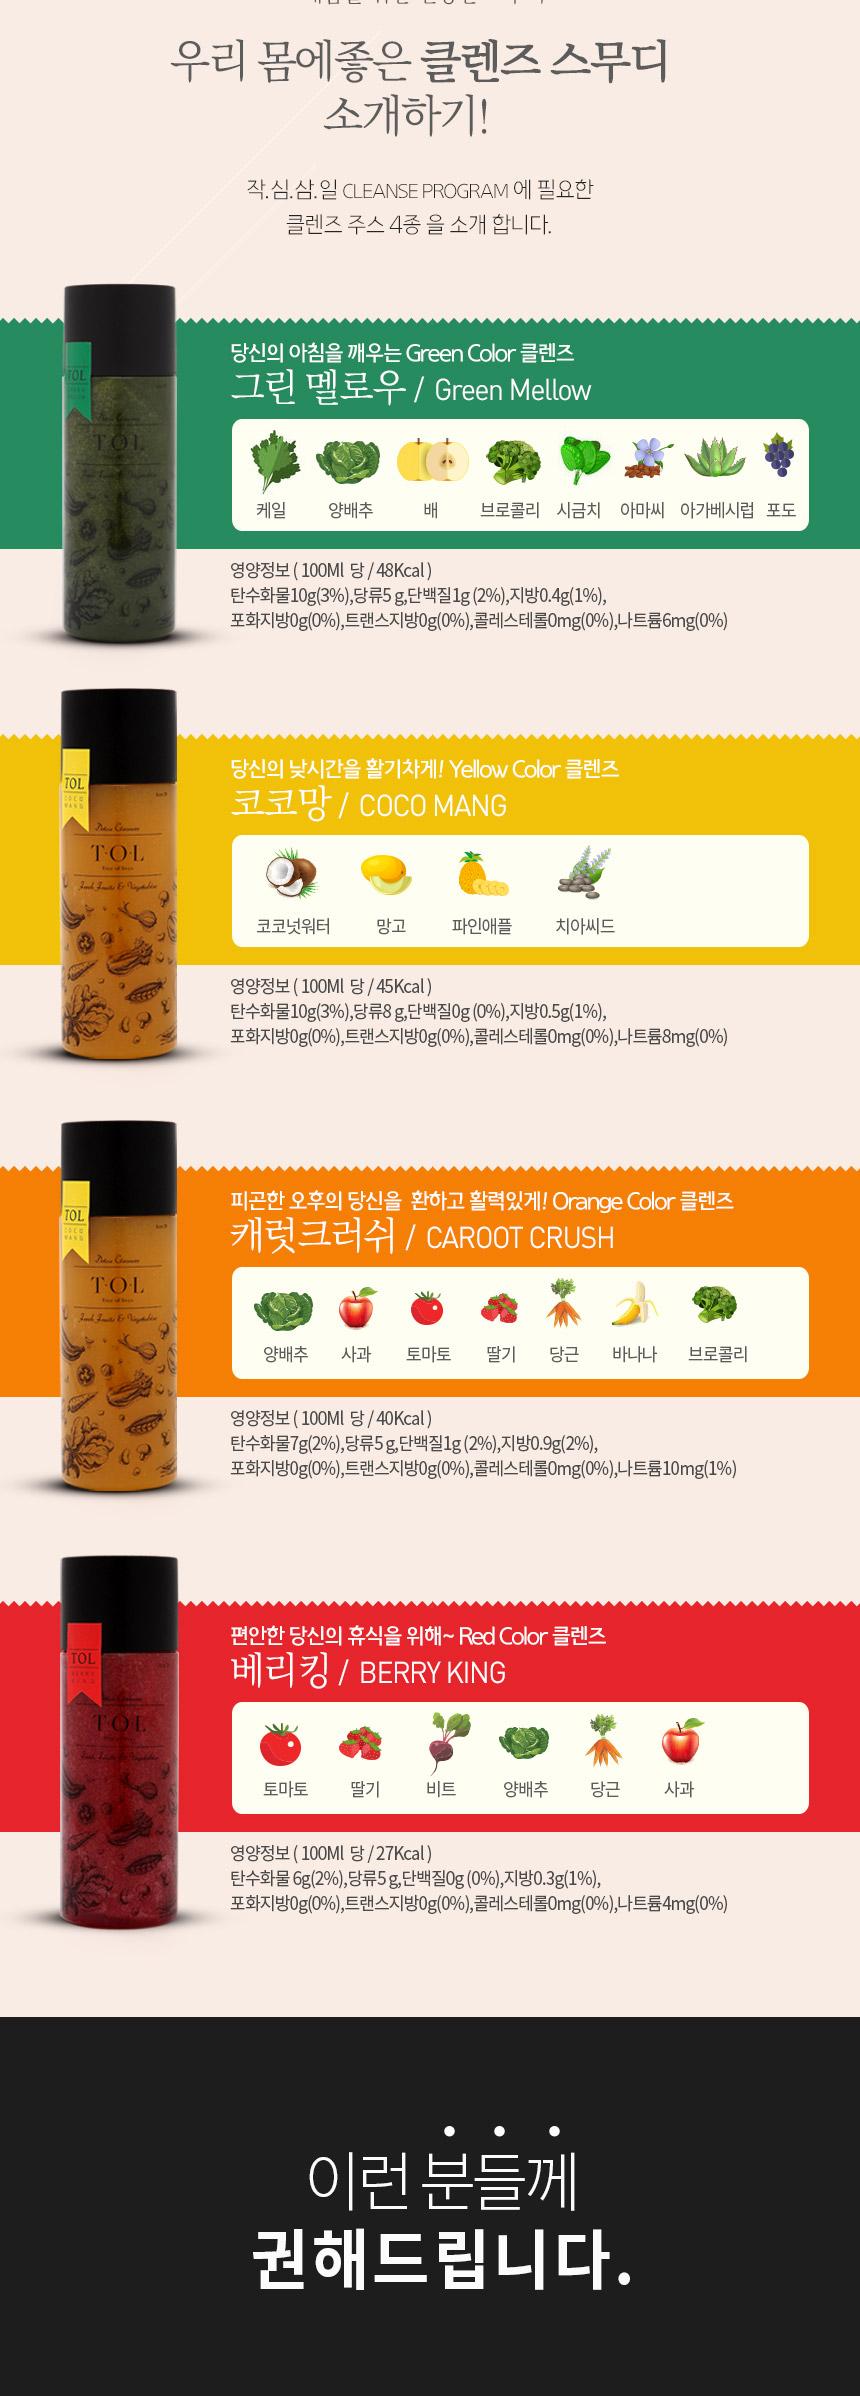 TOL-JUICE 작심삼일 다이어트 스무디 - 스무디, 48,000원, 다이어트식품, 다이어트보조식품